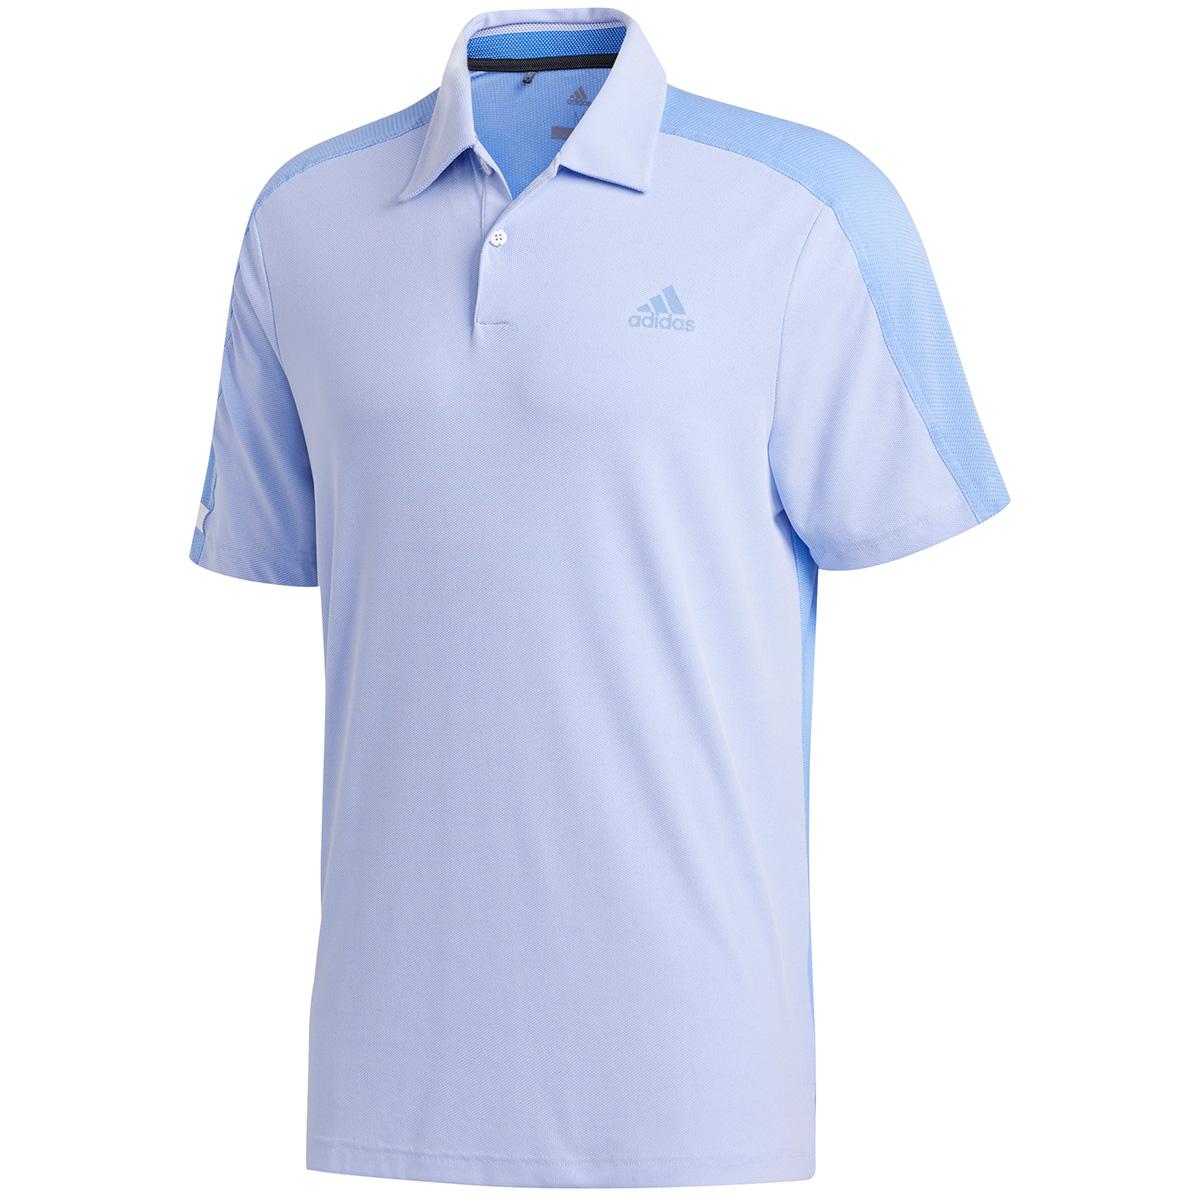 AEROREADY 半袖ファブリックミックスポロシャツ